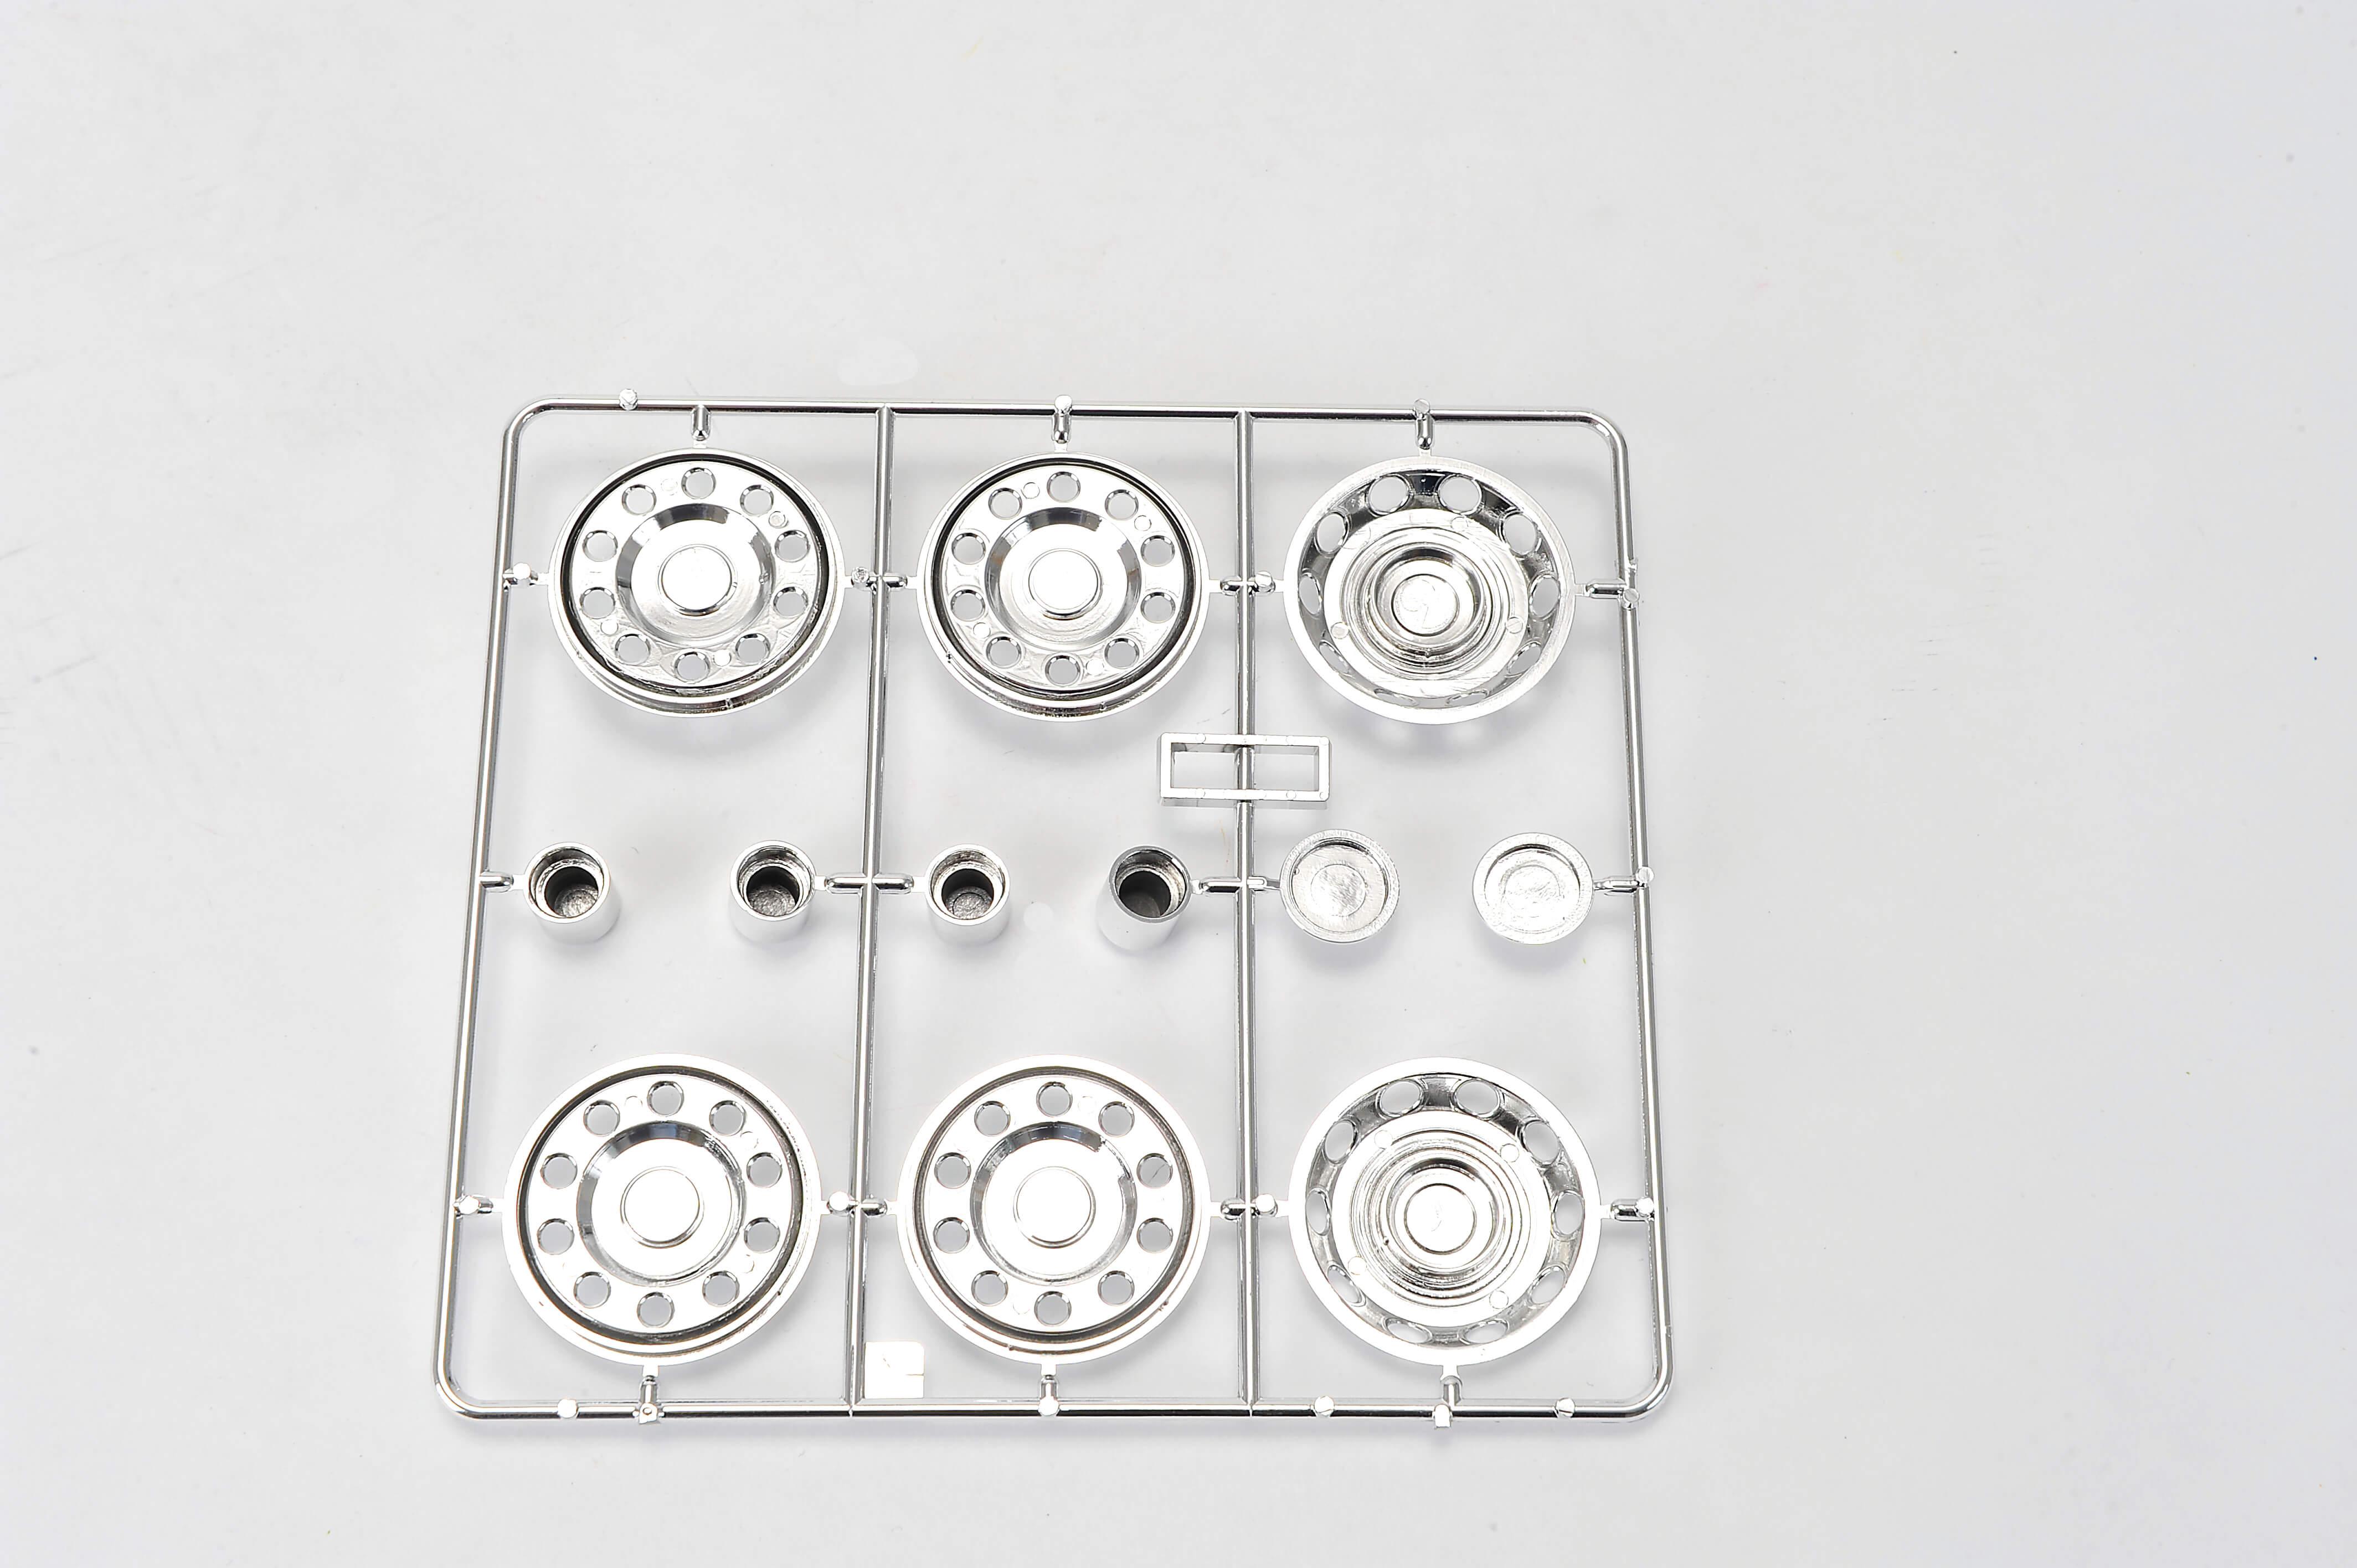 1 establece cubiertas de rueda y tapacubos. Cromado. 6 | Accesorios + recambio | tractores | Tamiya | kits | Fechtner Modellbaushop